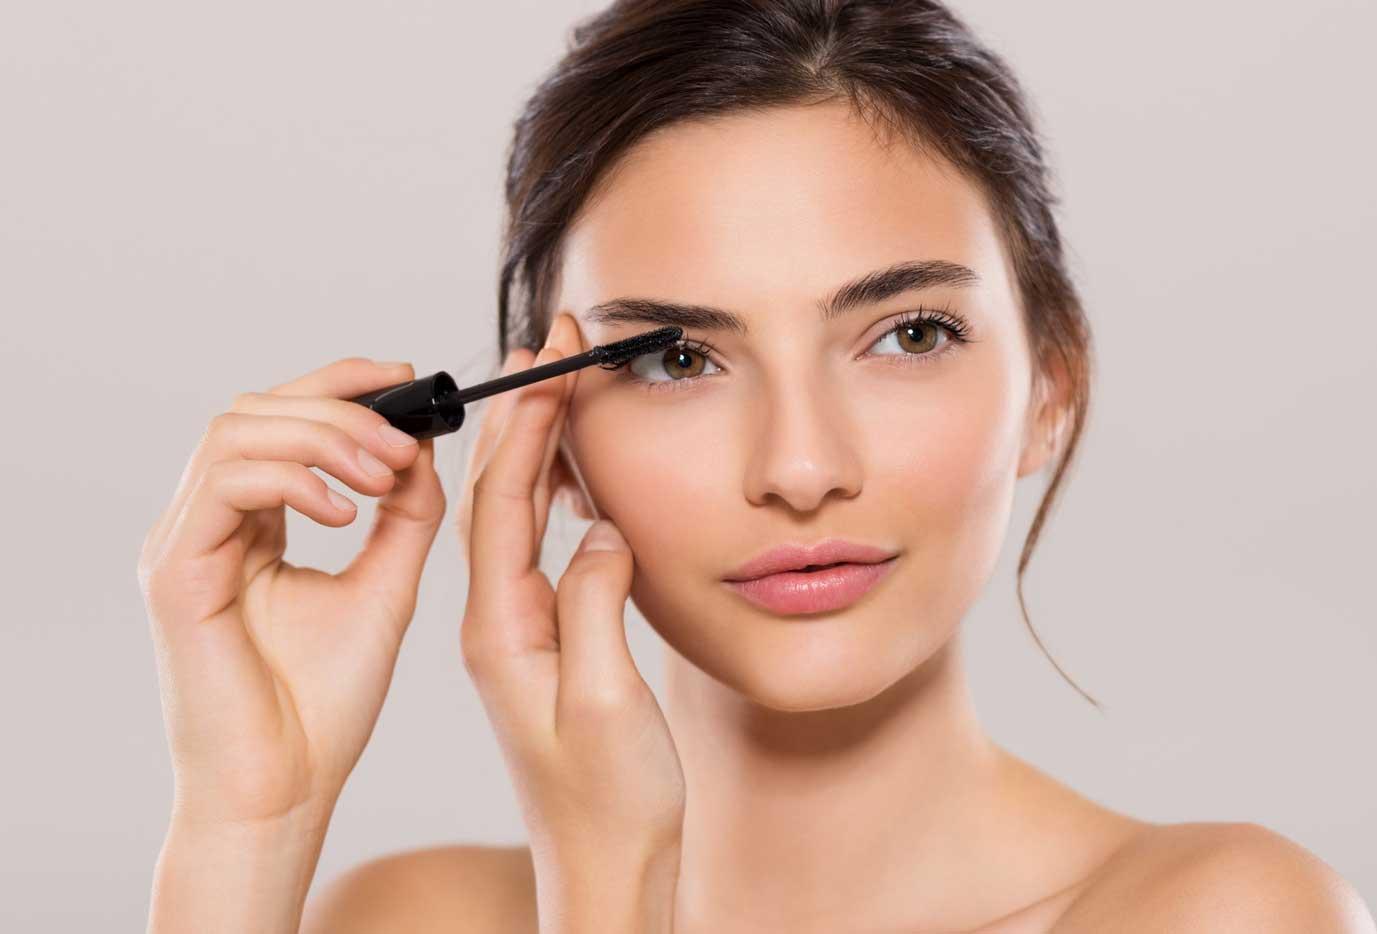 Cómo maquillarse para parecer mas joven